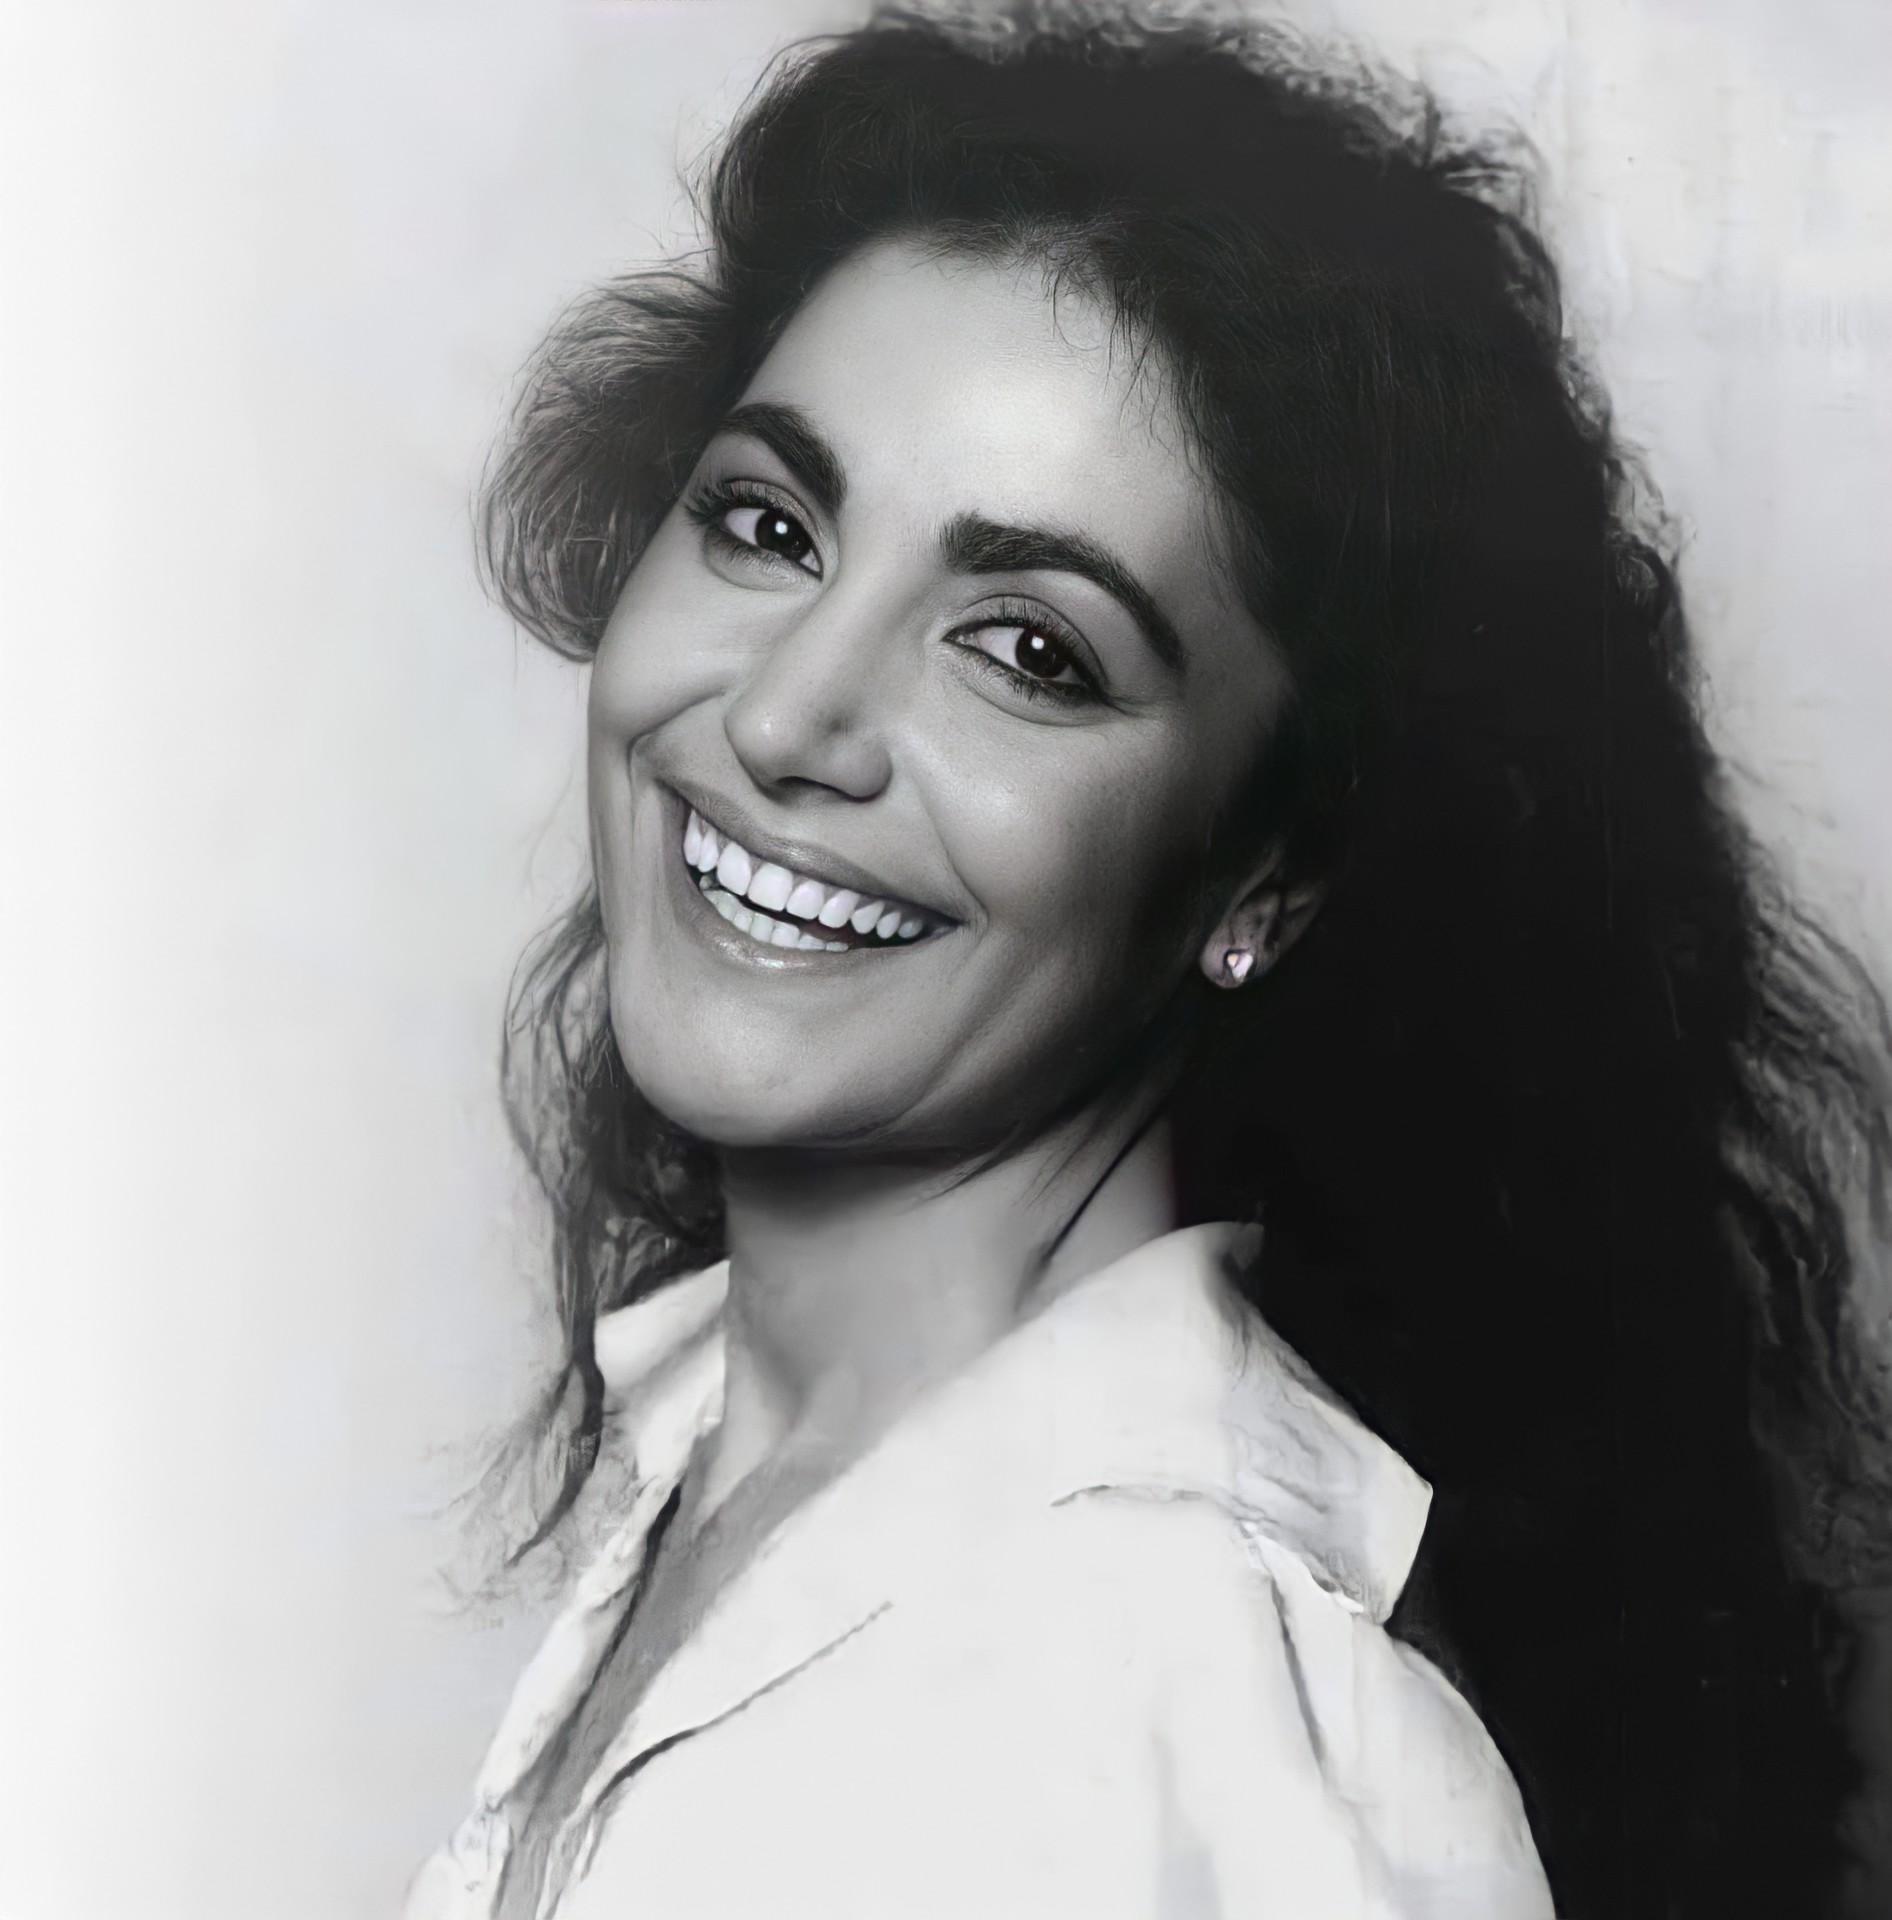 Mia Martini PORTRAIT 1975